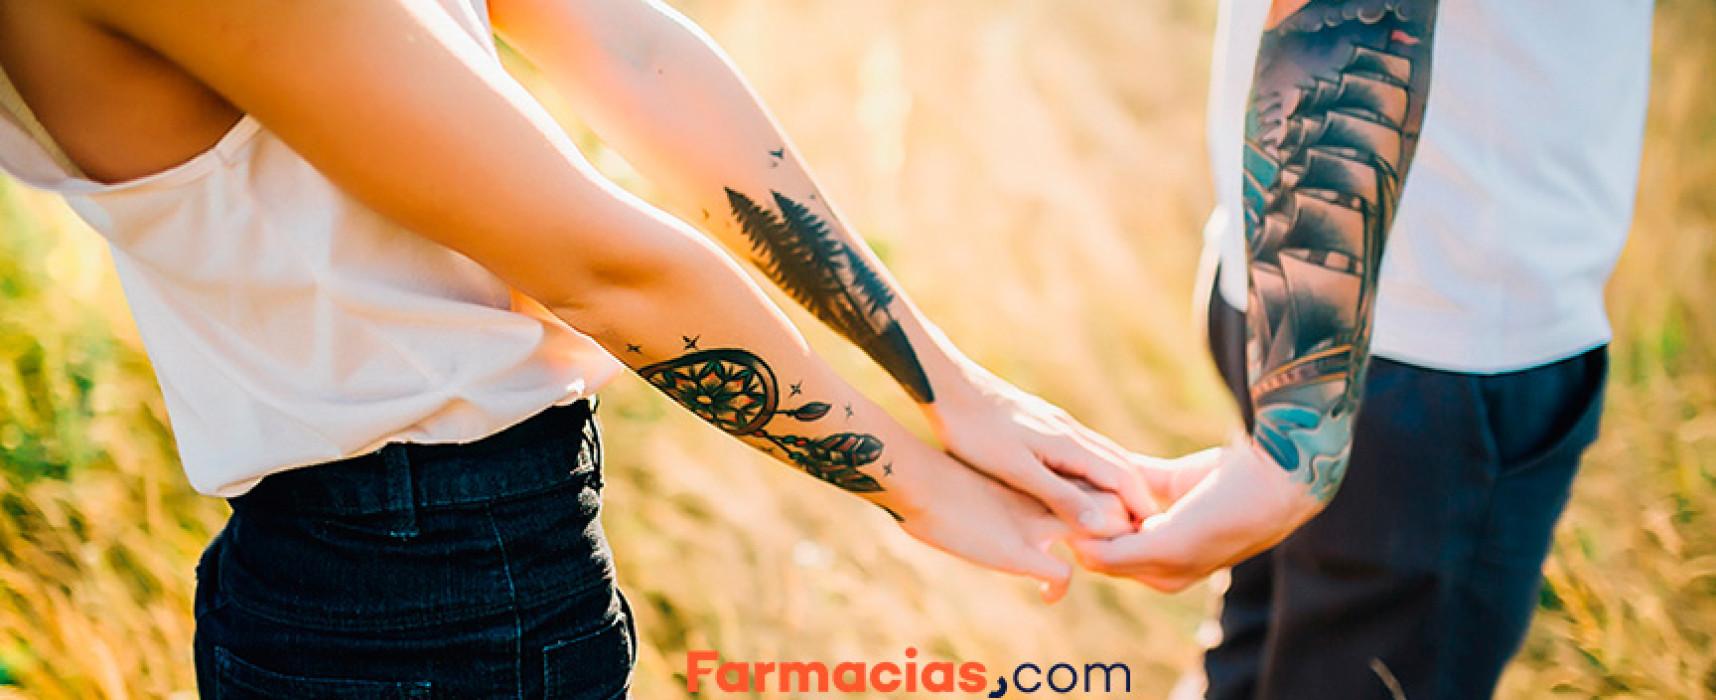 ¿Tatuarse es adictivo?